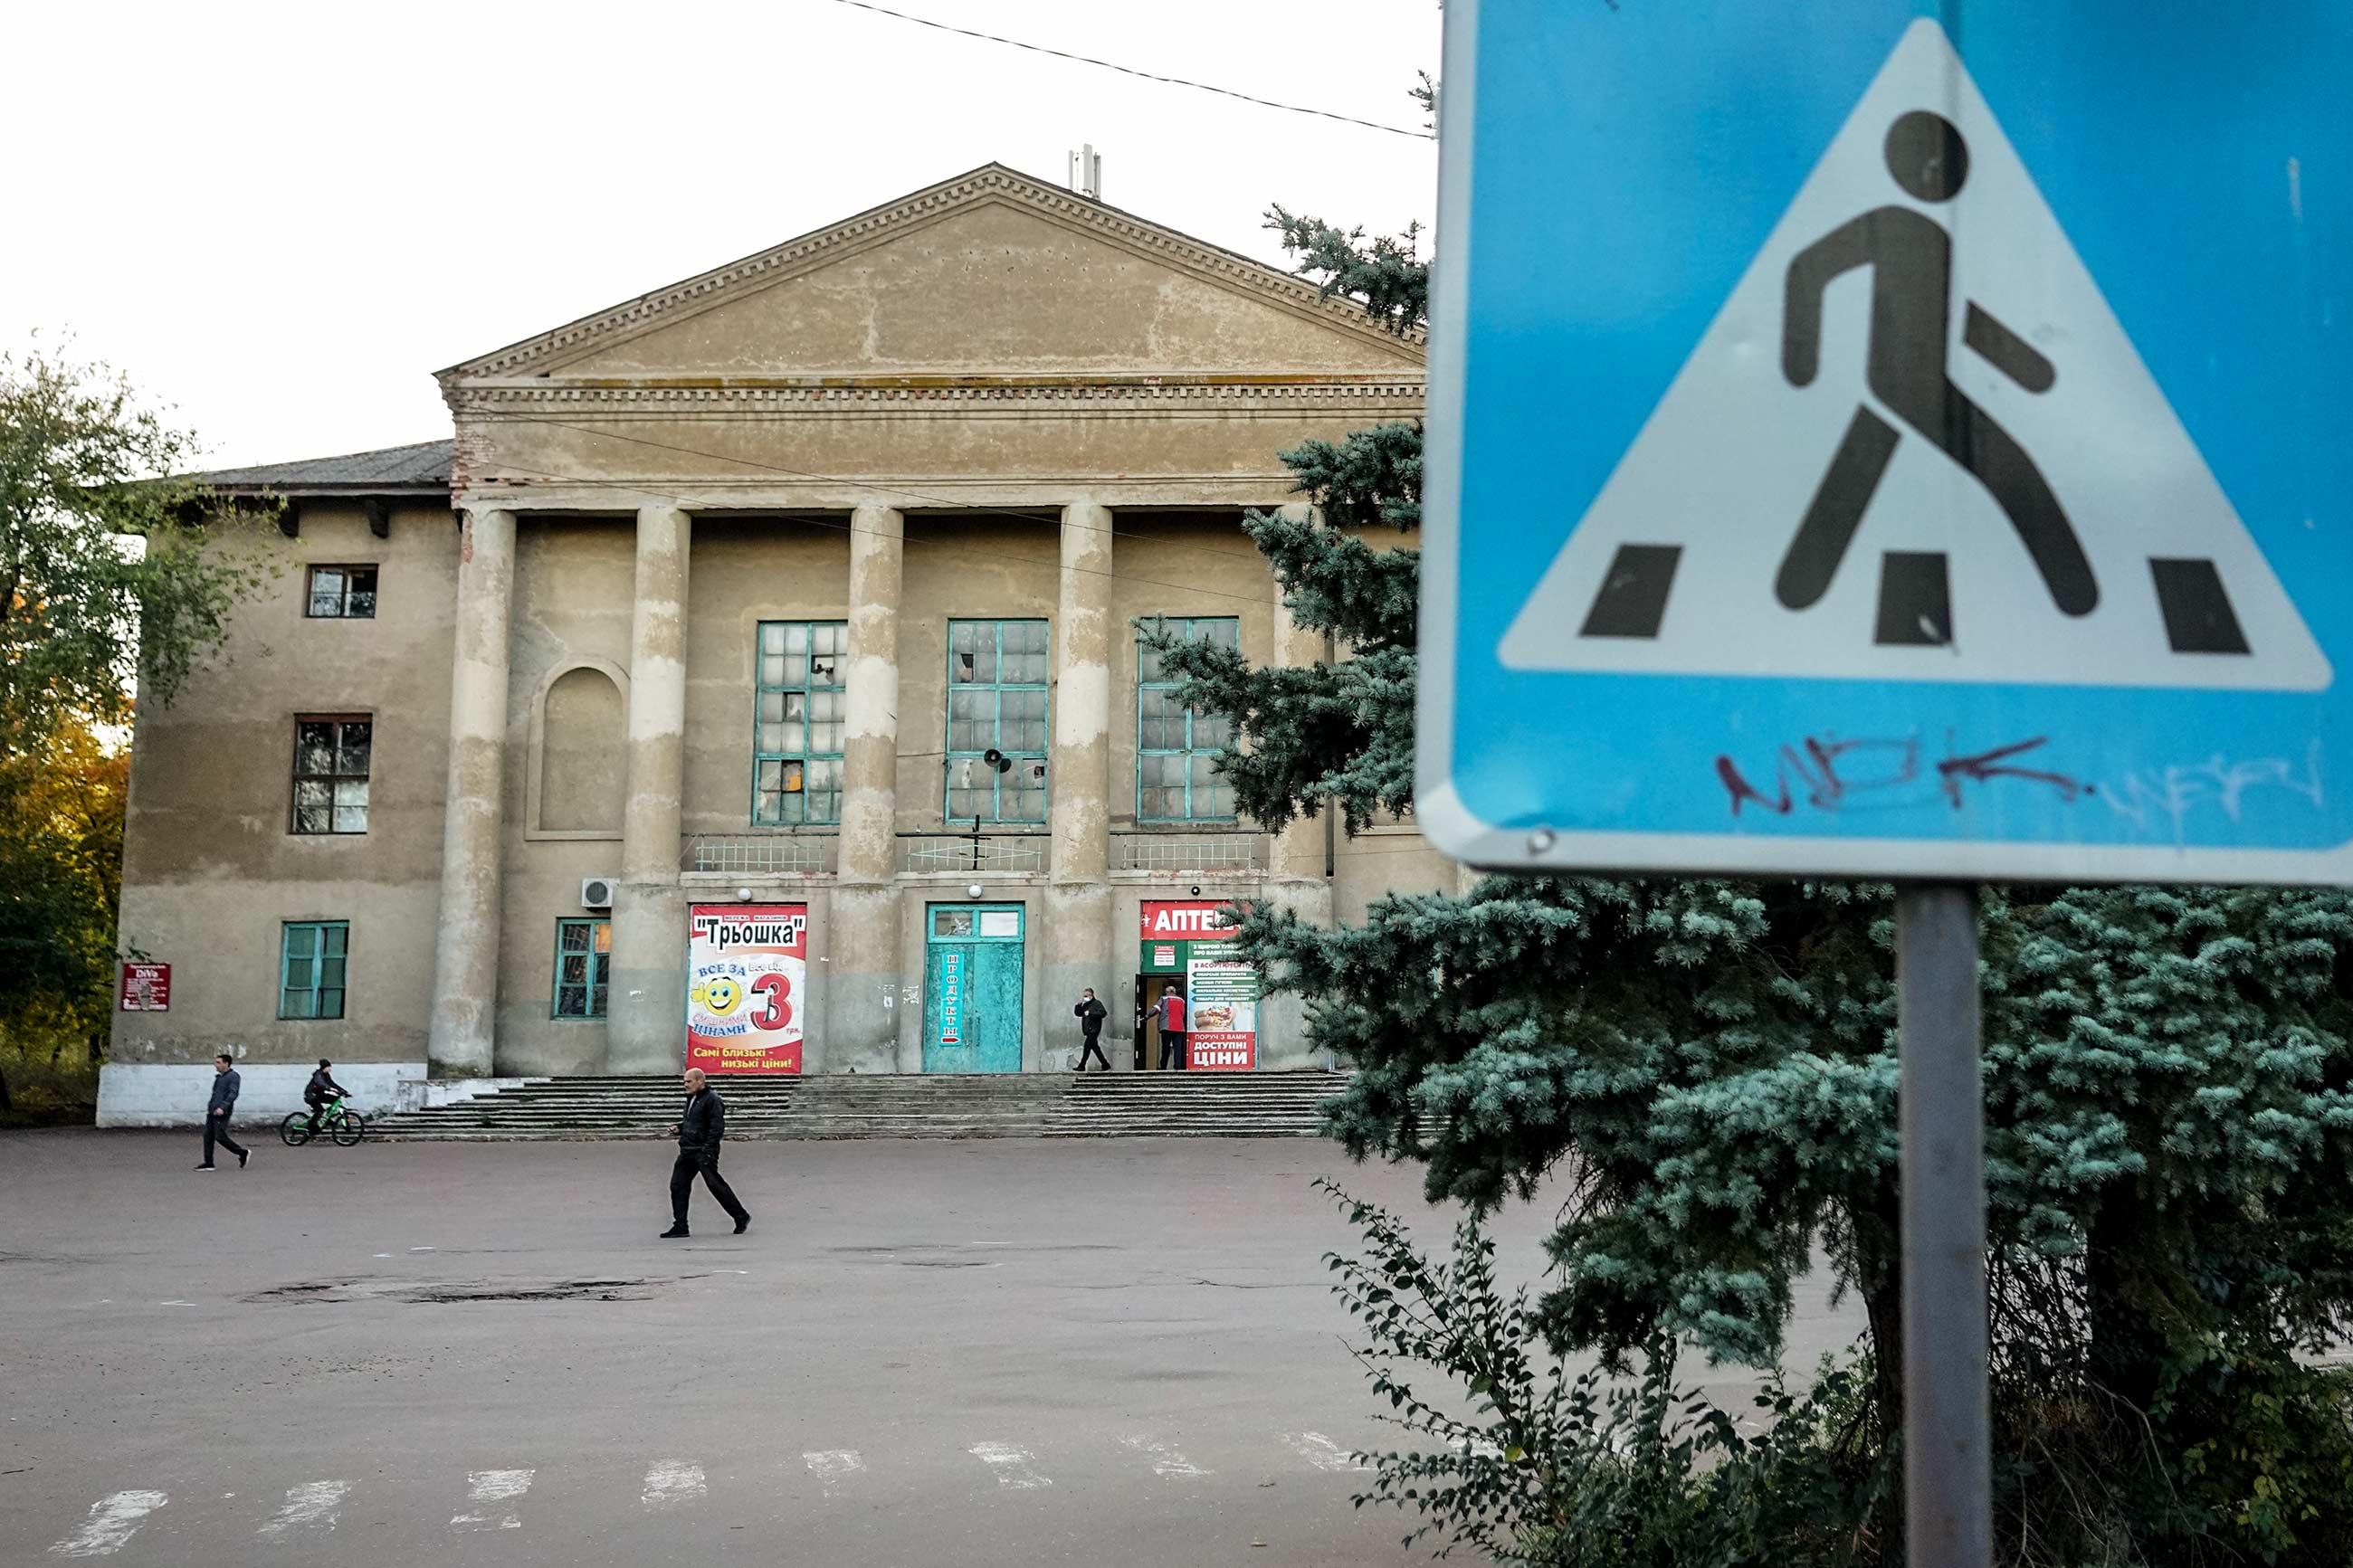 new york 0592 - <b>Смт Нью-Йорк у нестямі.</b> Селищу на Донбасі повернули історичну назву — і це запустило процес змін - Заборона